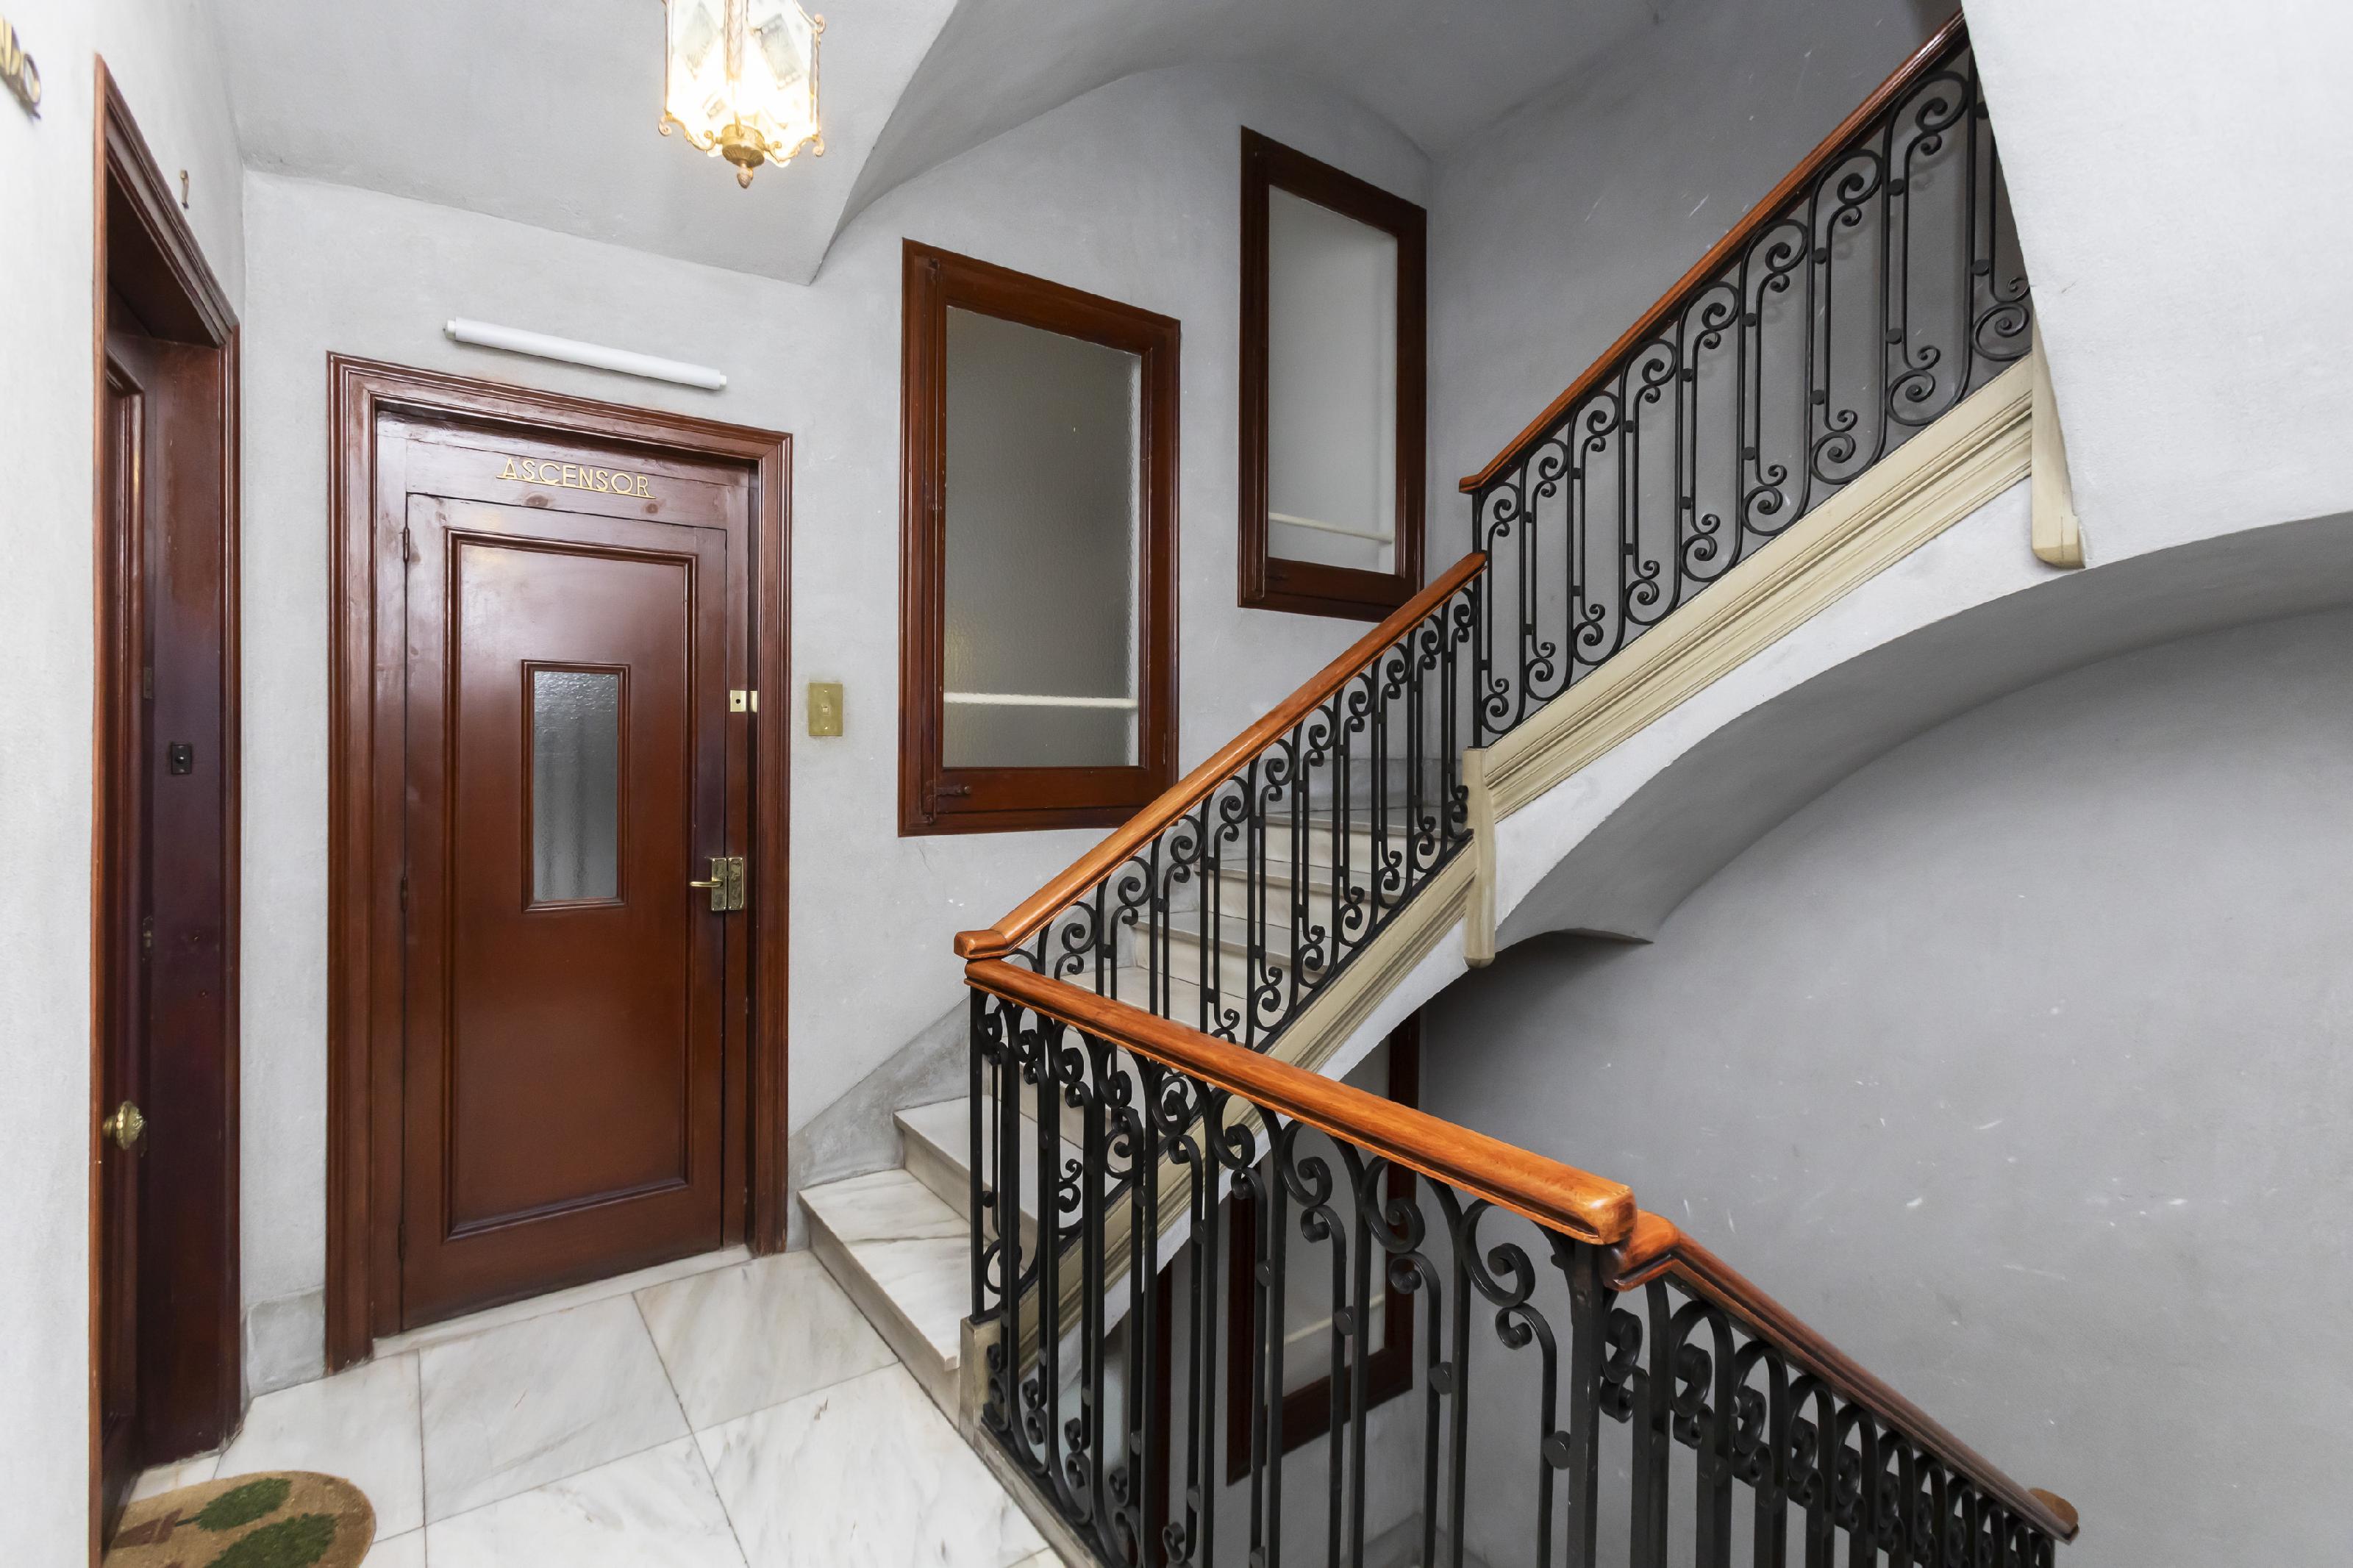 248888 Flat for sale in Sarrià-Sant Gervasi, St. Gervasi-Bonanova 25